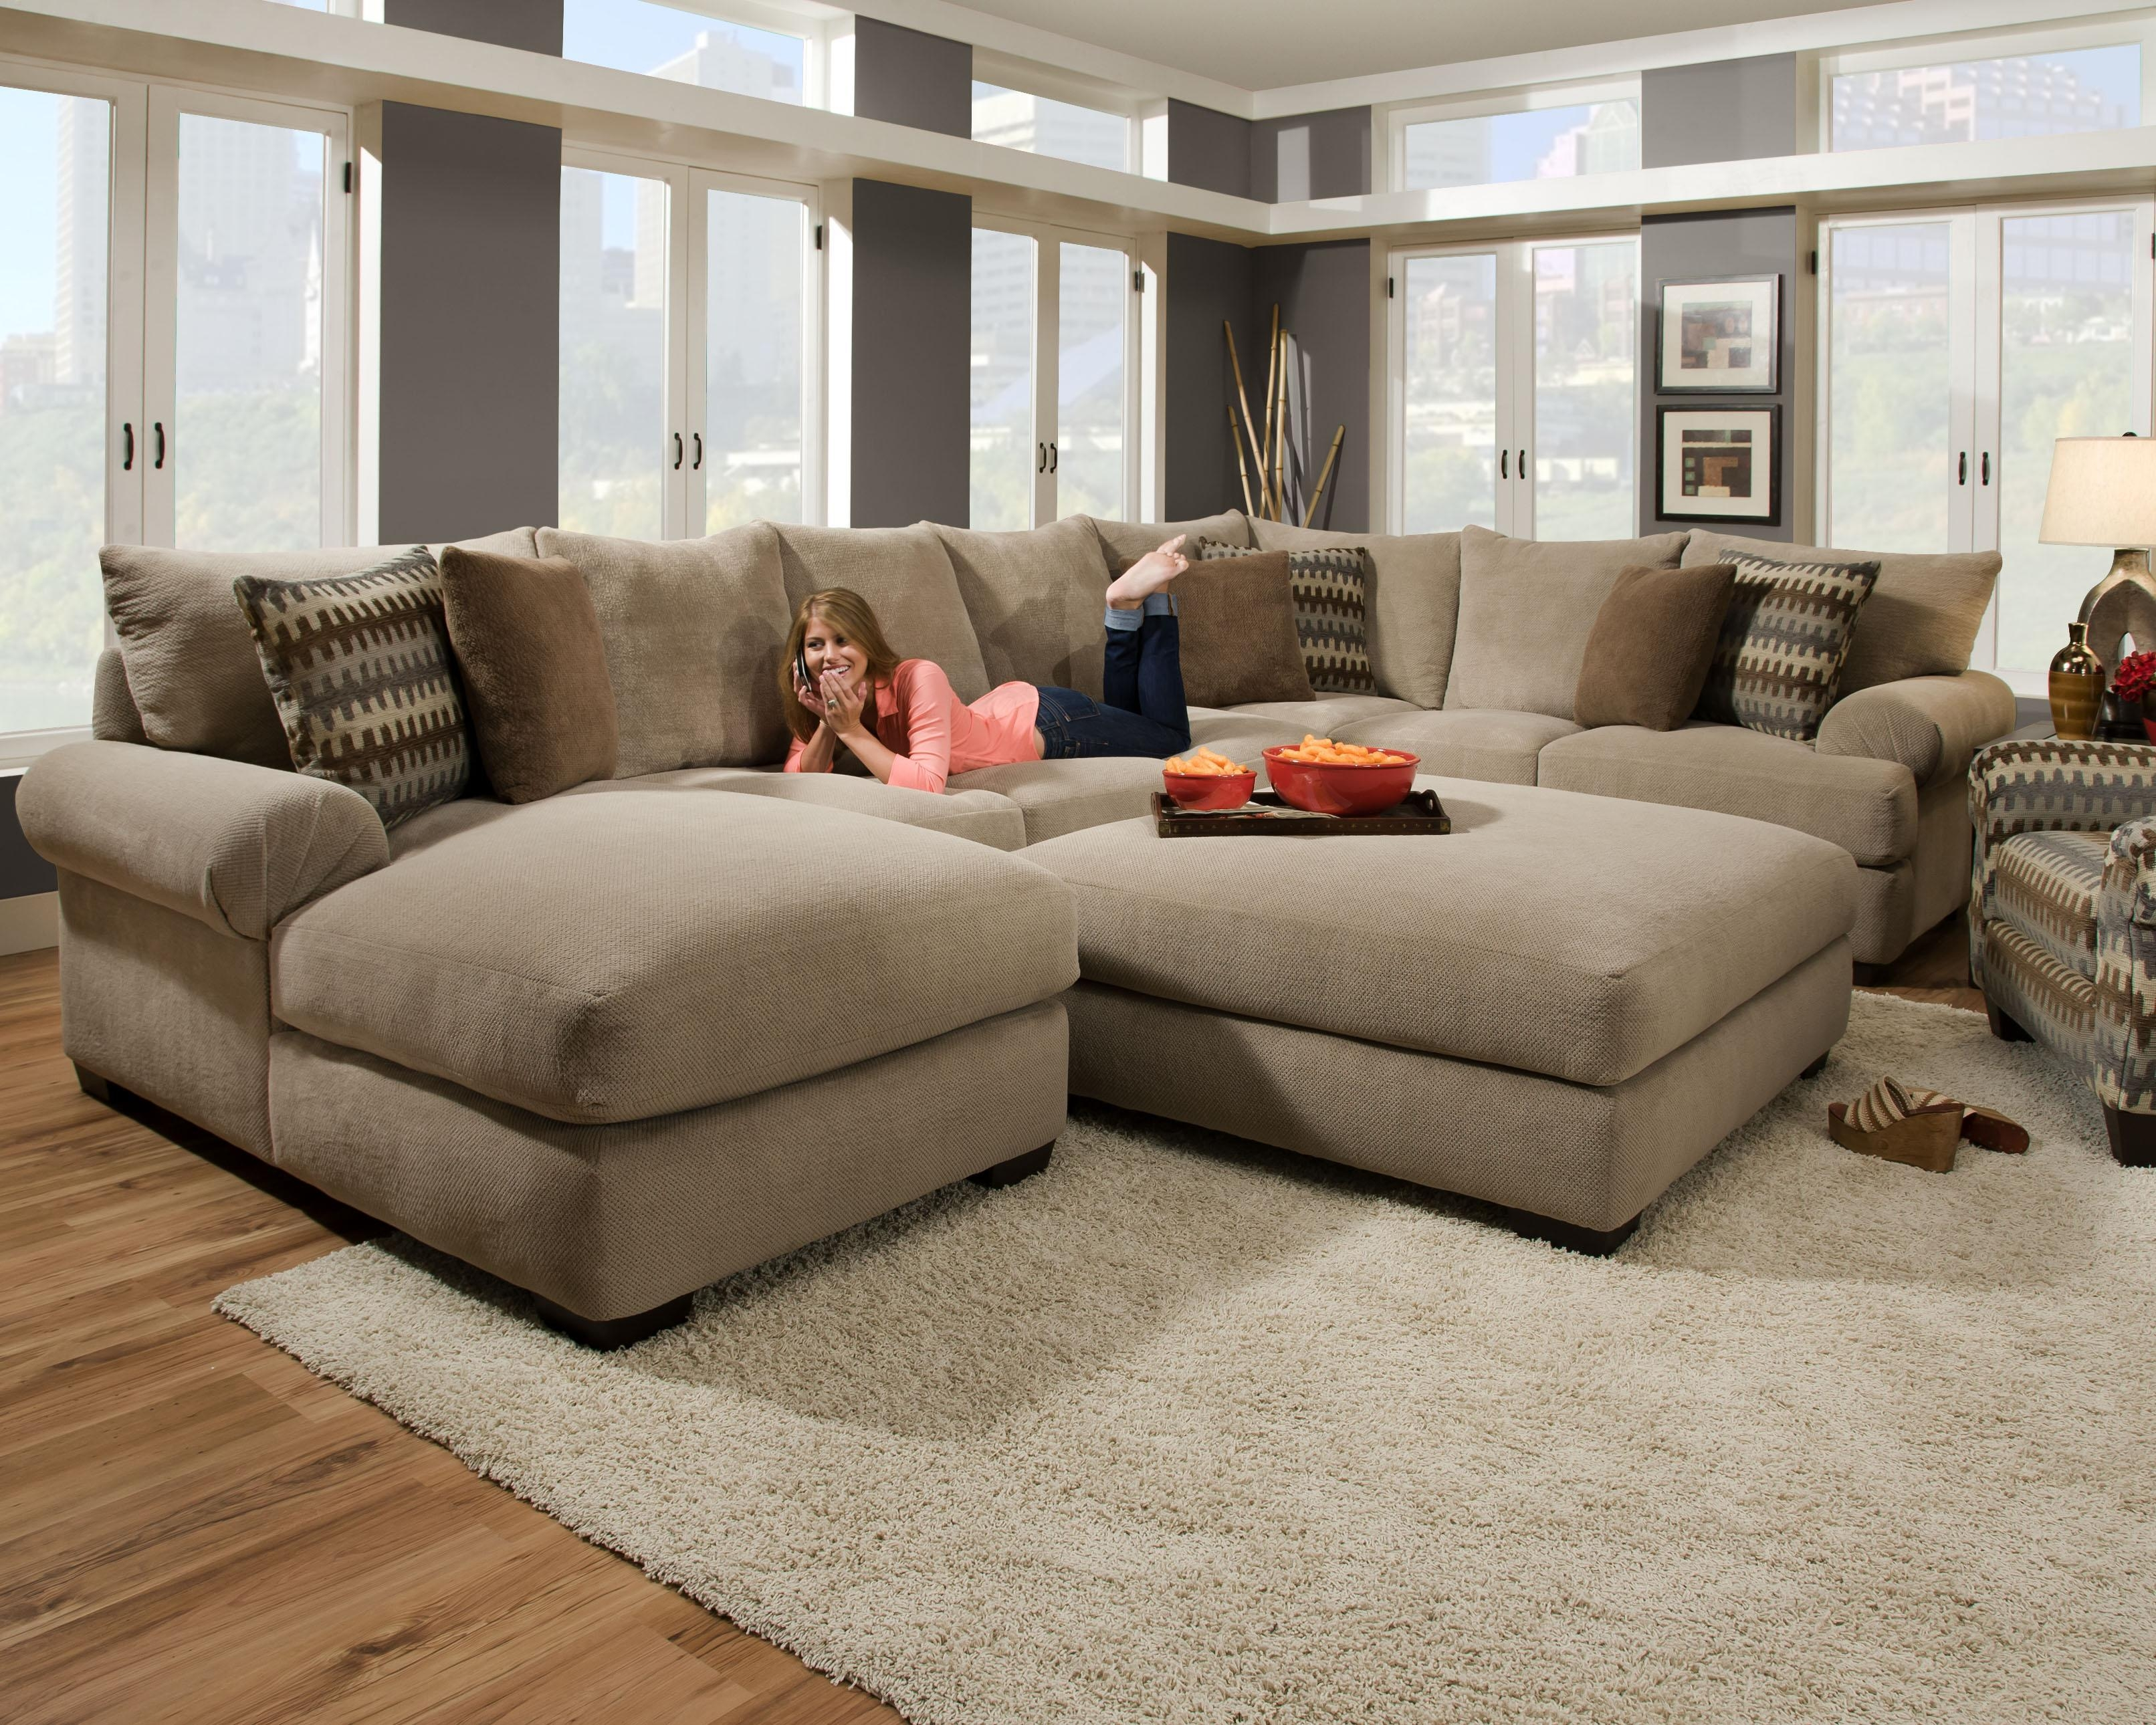 Oversized Sectional Sofas Canada | Tehranmix Decoration Regarding Oversized Sectional (Image 14 of 20)